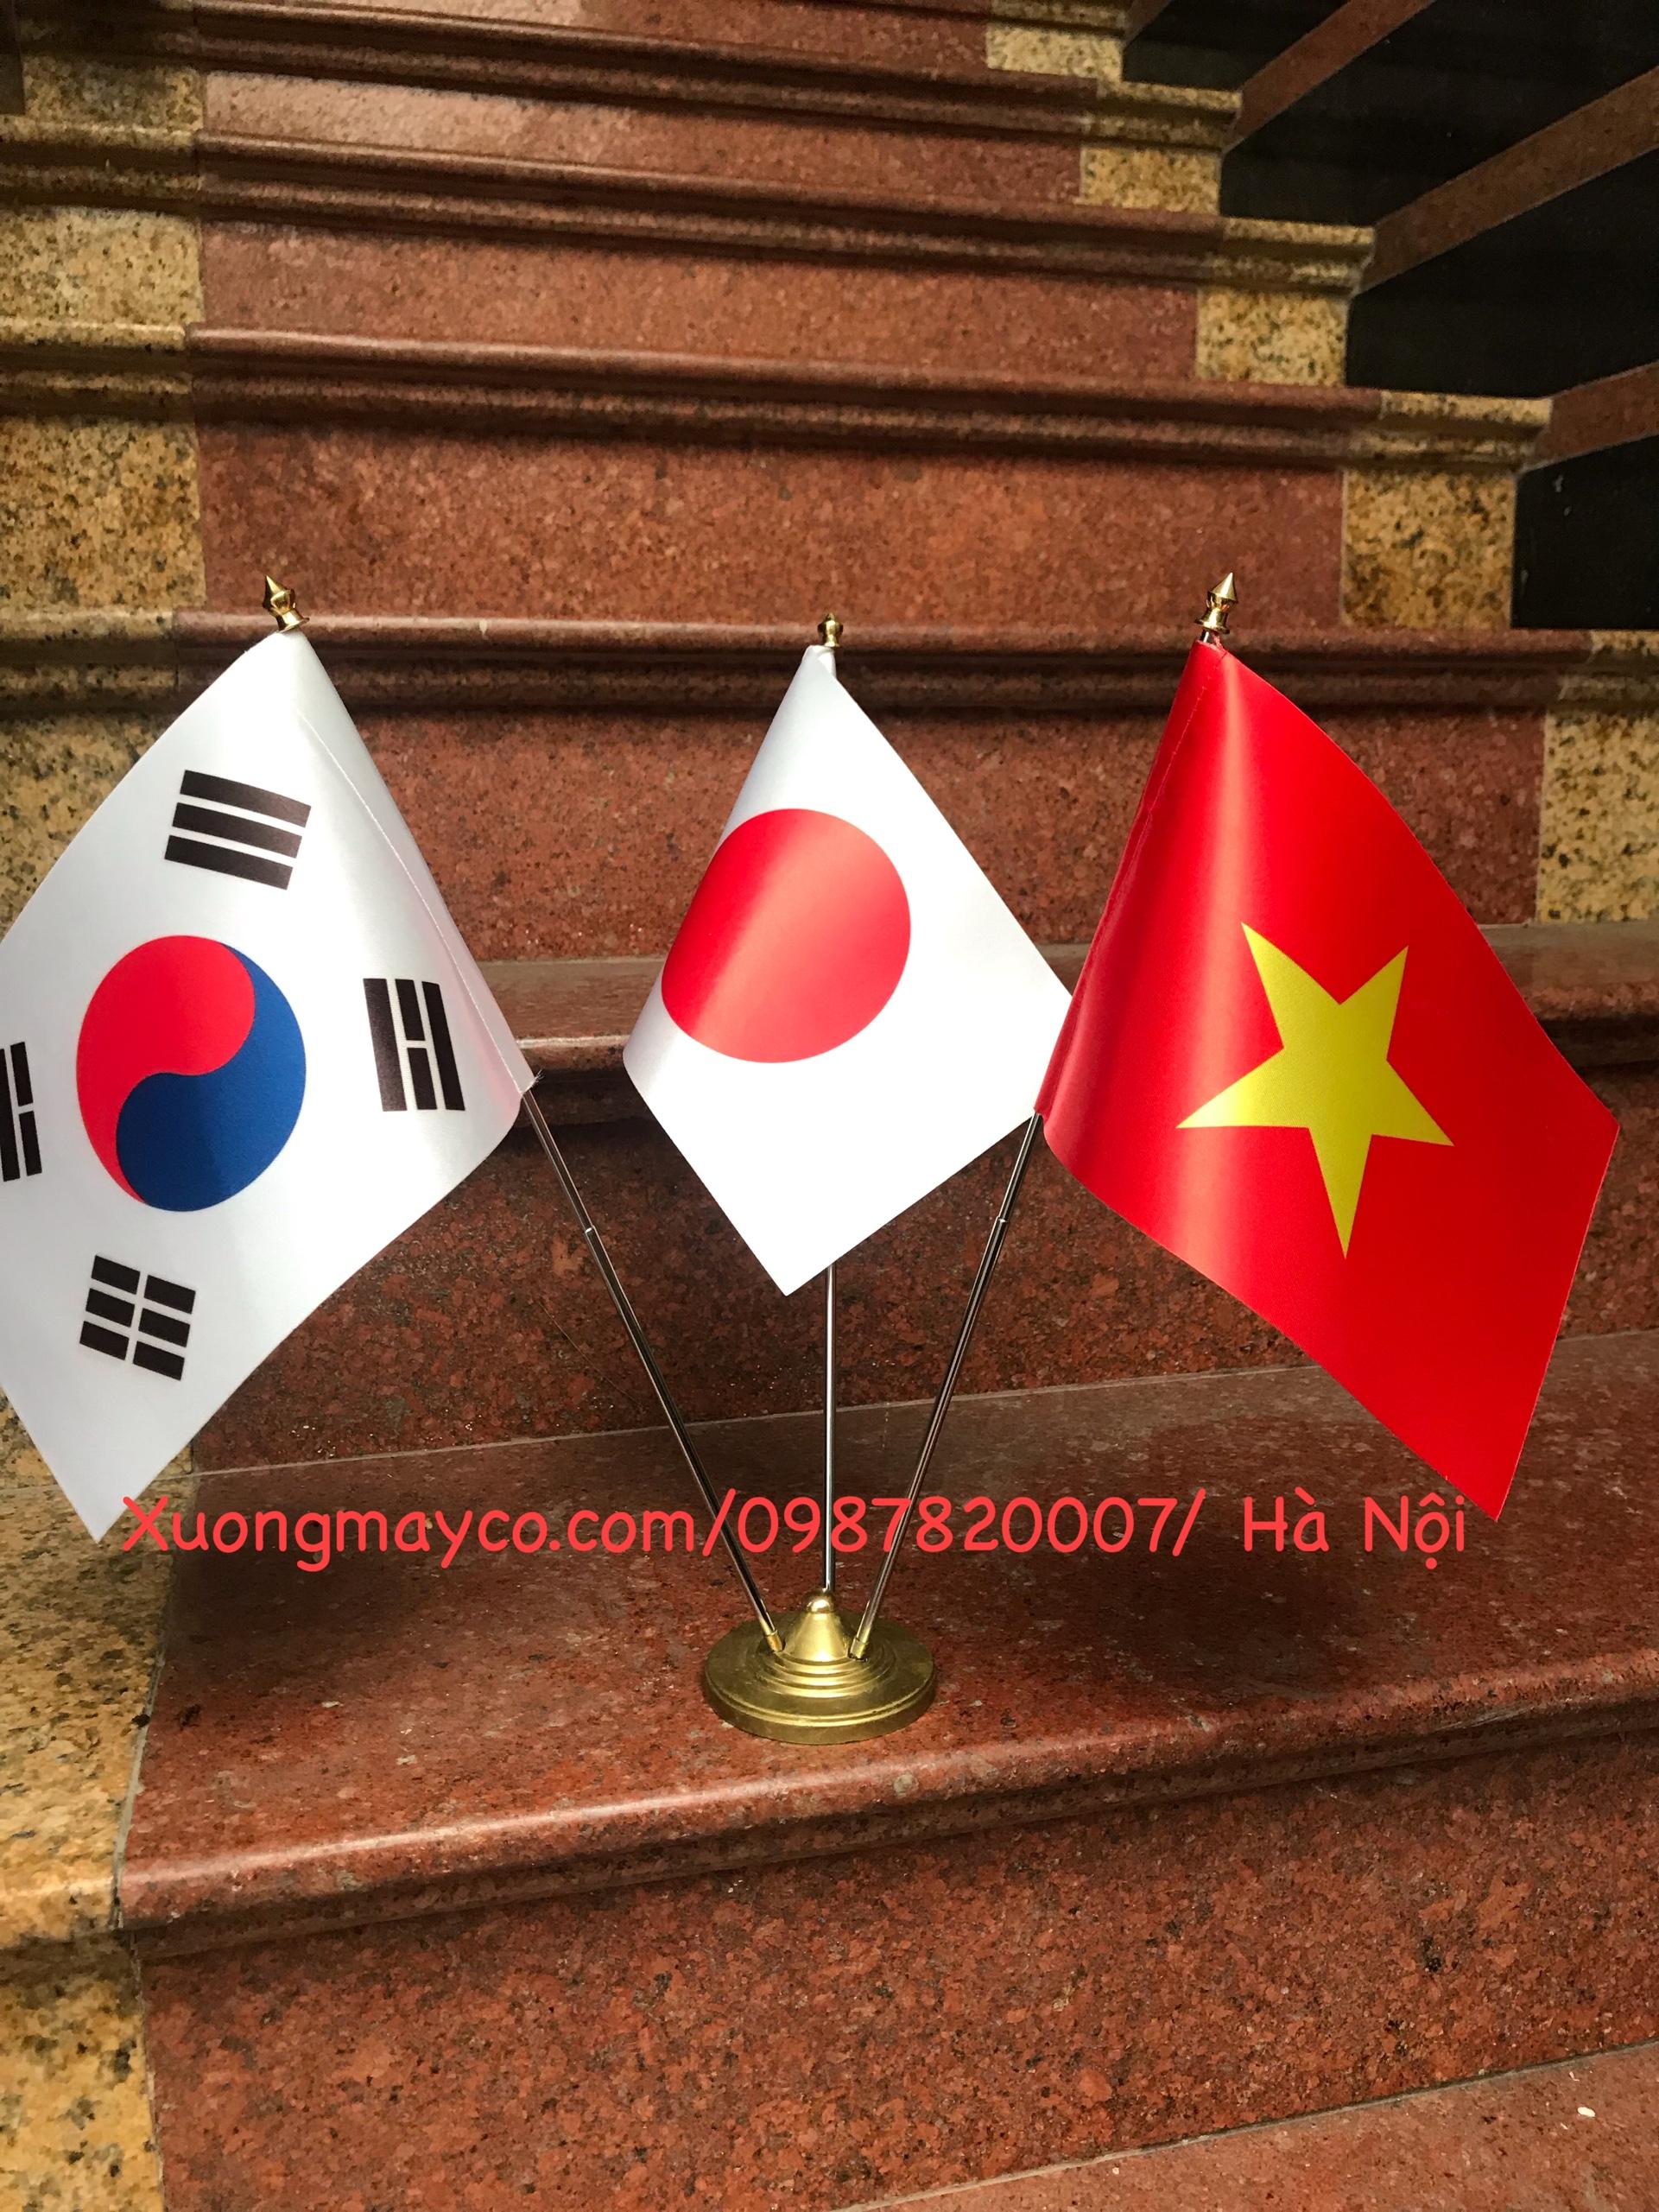 Bán cờ để bàn làm việc ở Hà Nội